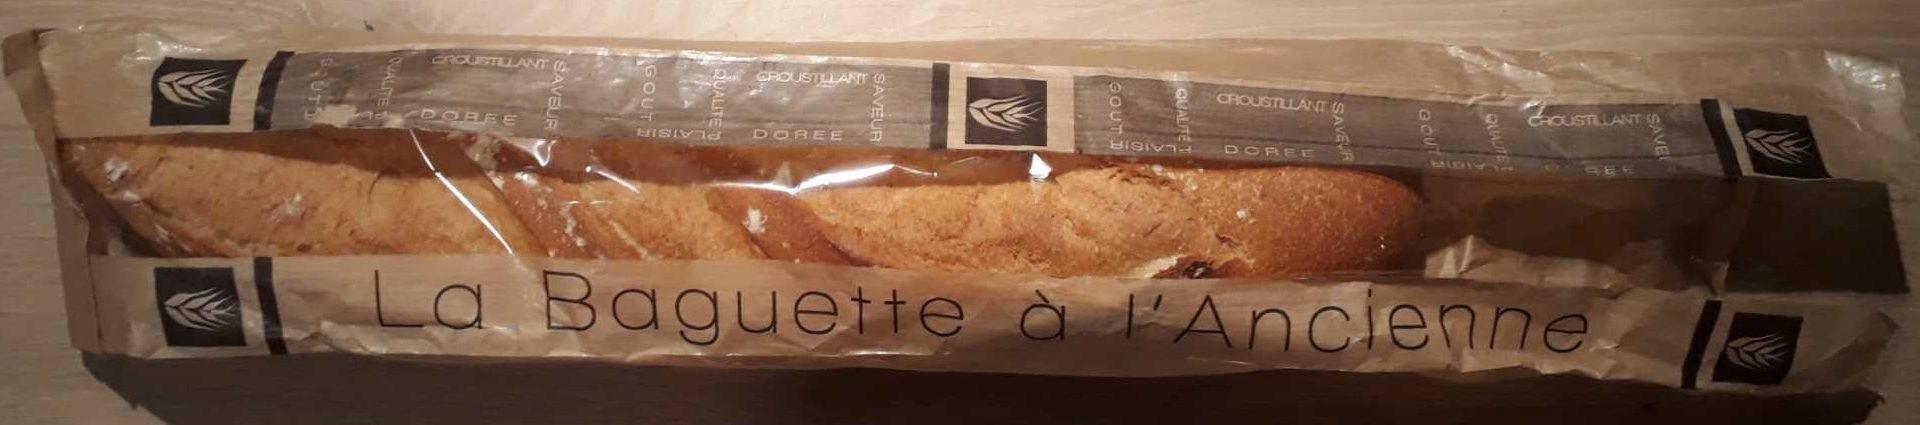 La Baguette à l'Ancienne - Product - fr